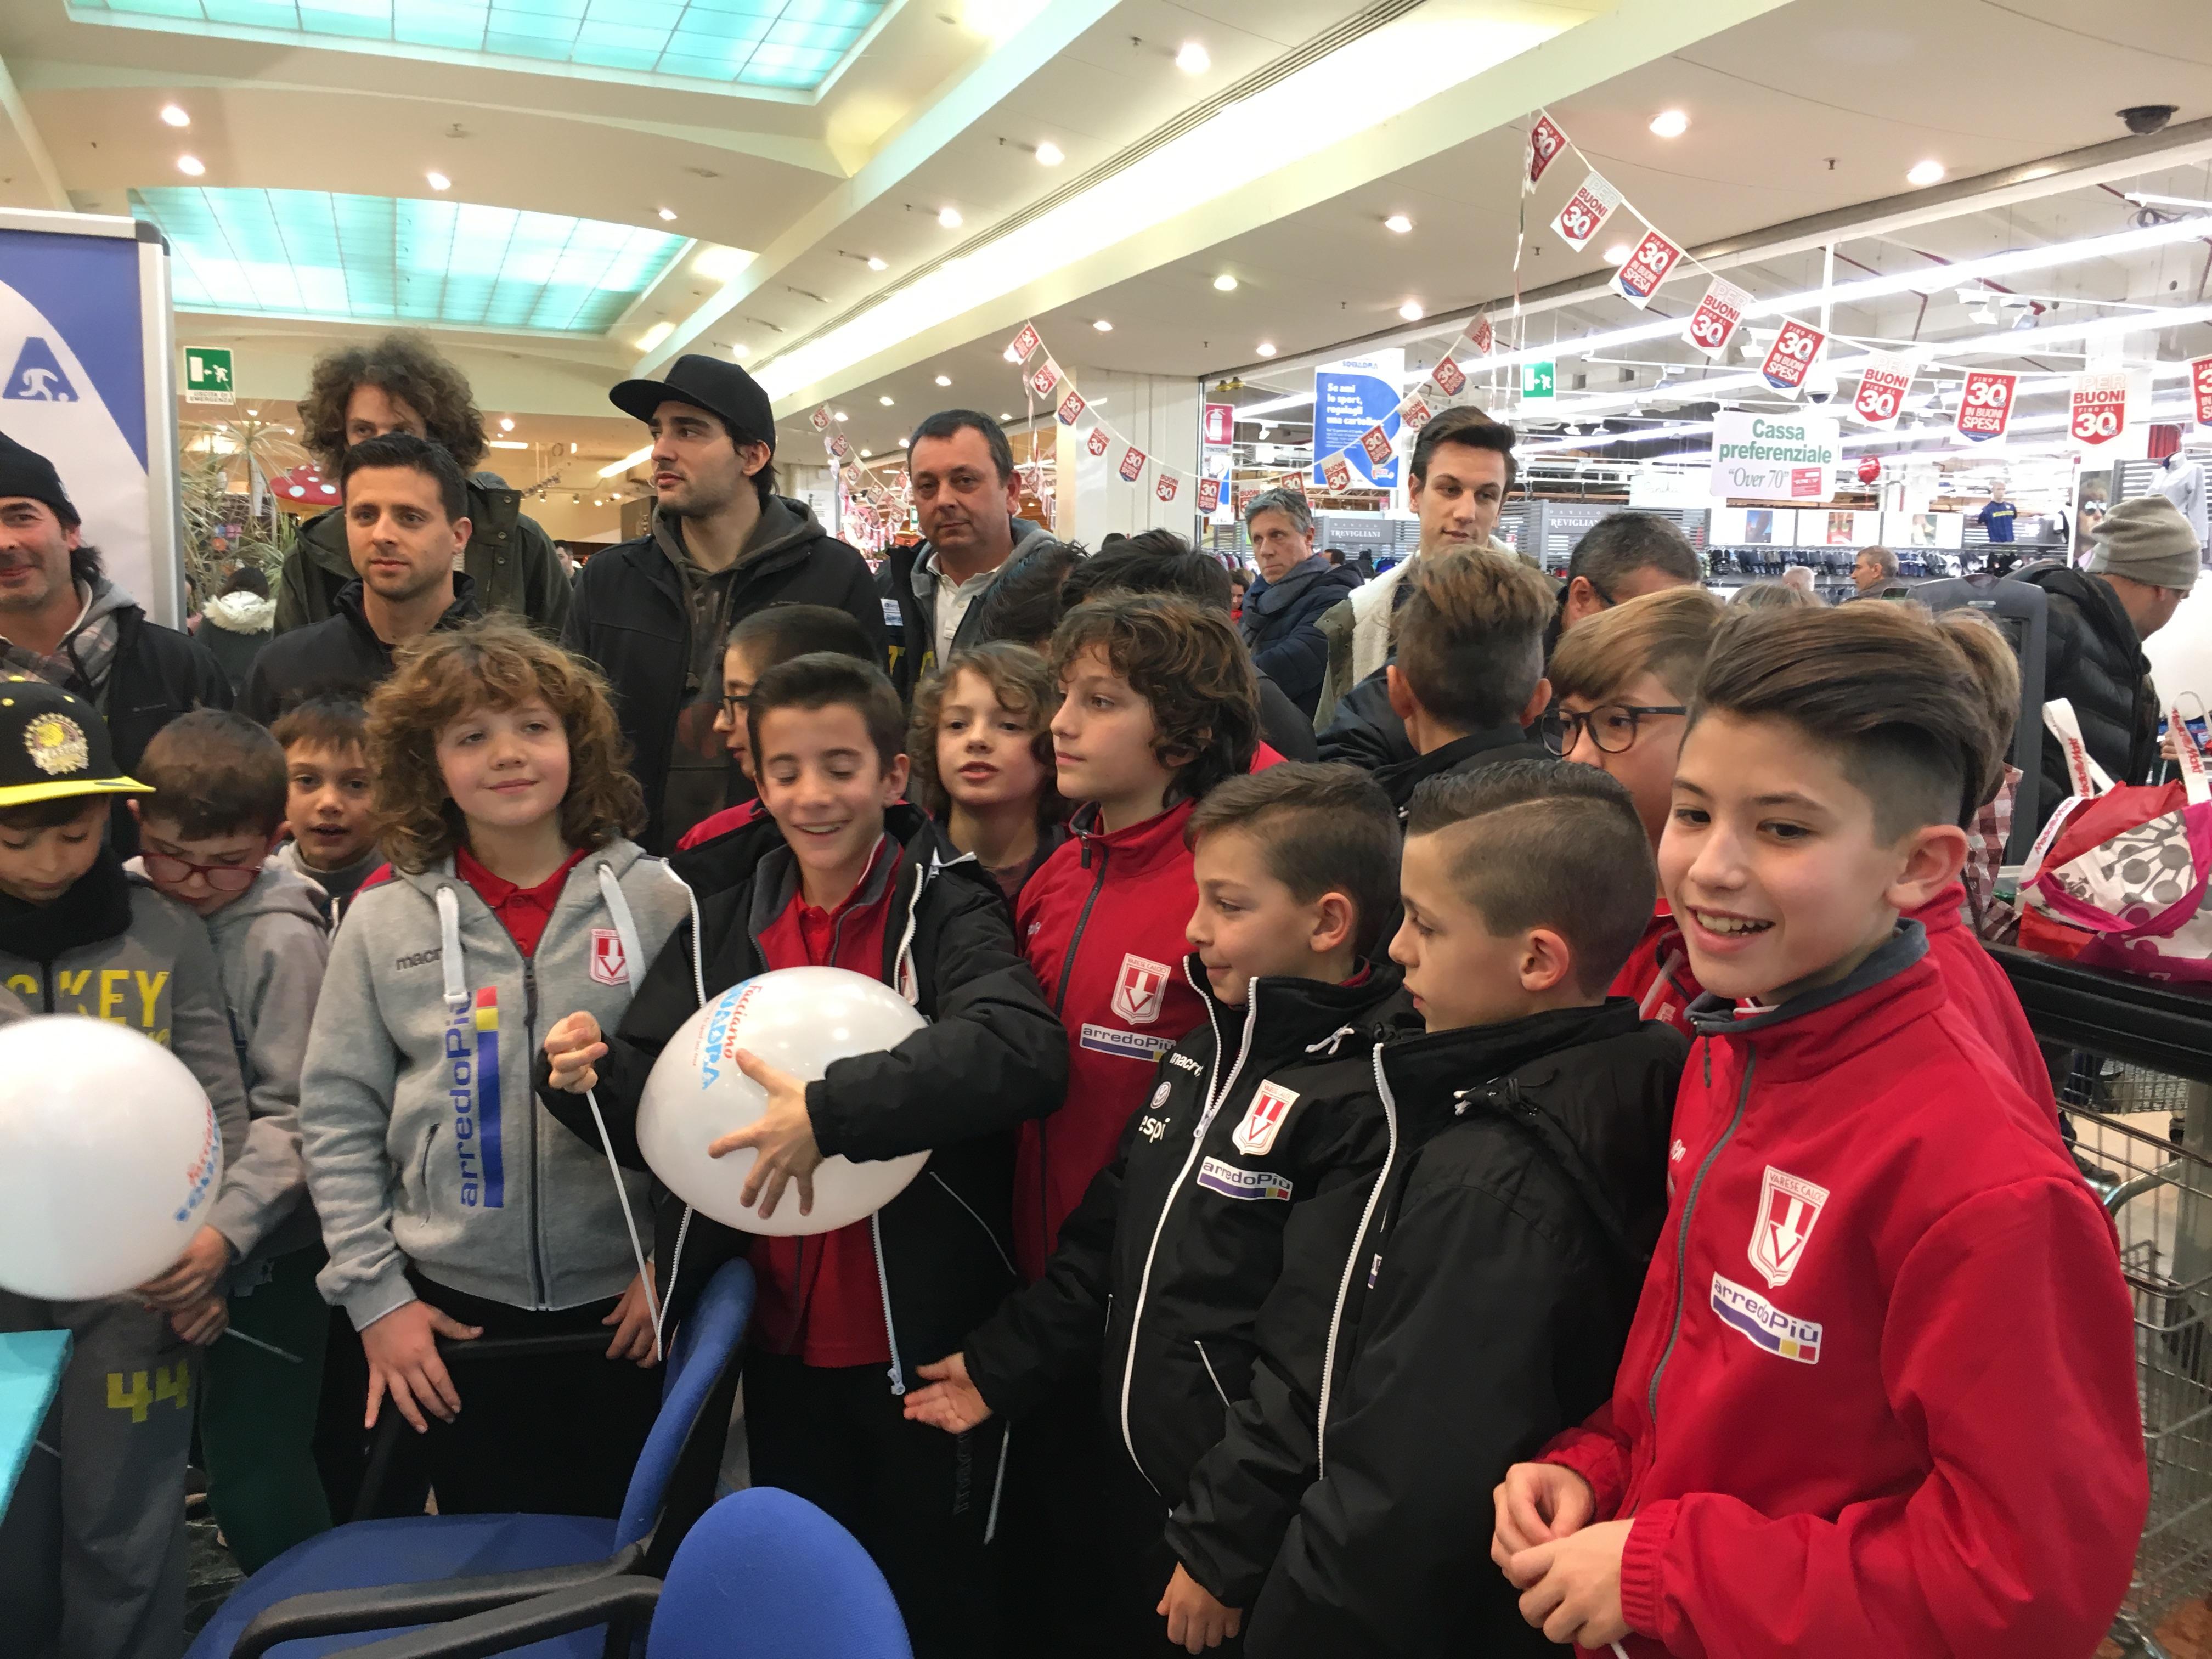 Facciamo squadra – Varese e Hockey, merenda all'Iper coi baby- FOTOGALLERY